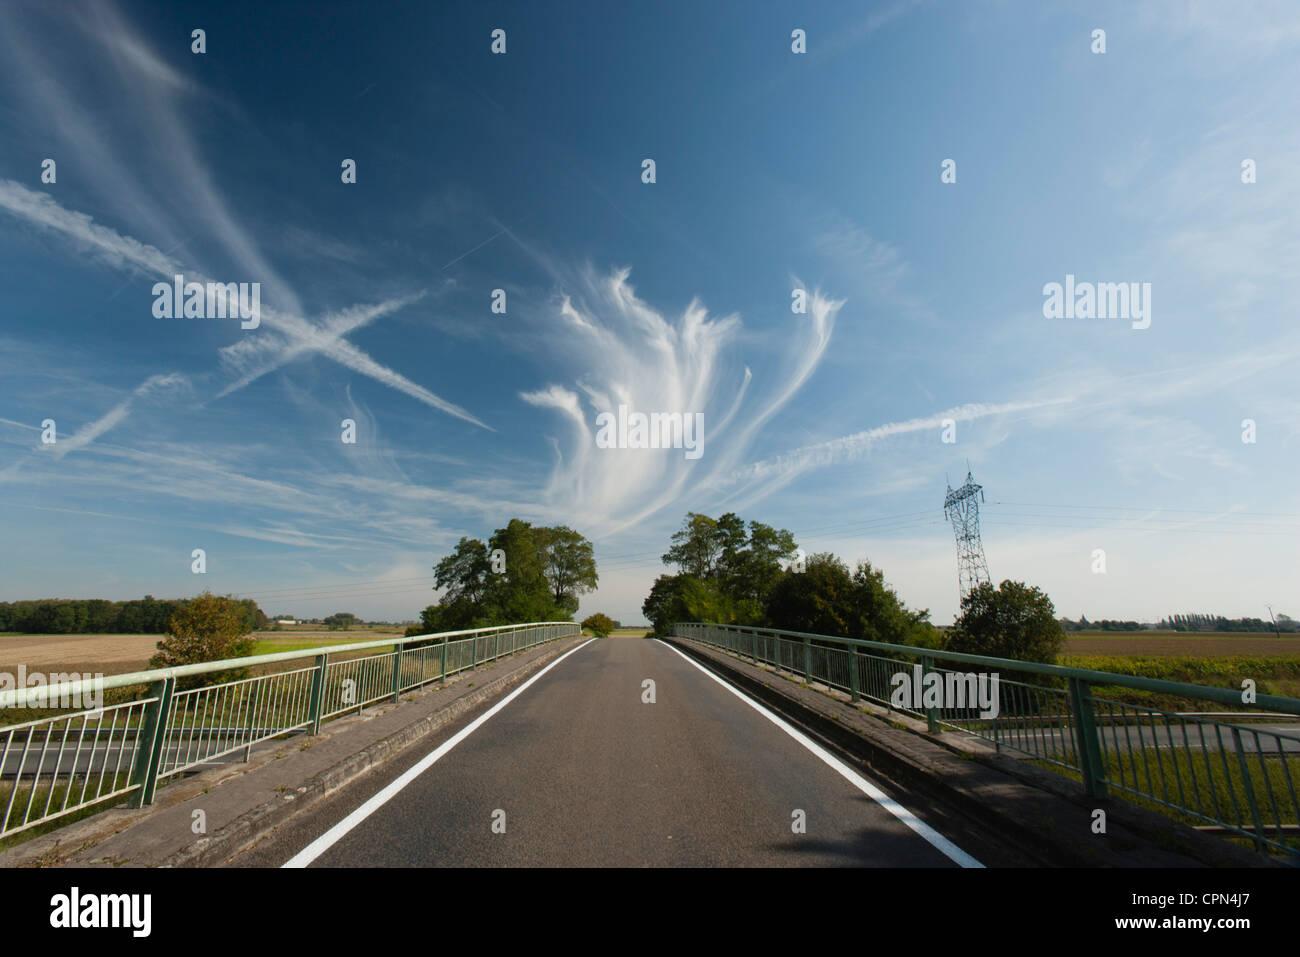 Whispy nubes de vapor y senderos en el cielo sobre el puente Imagen De Stock